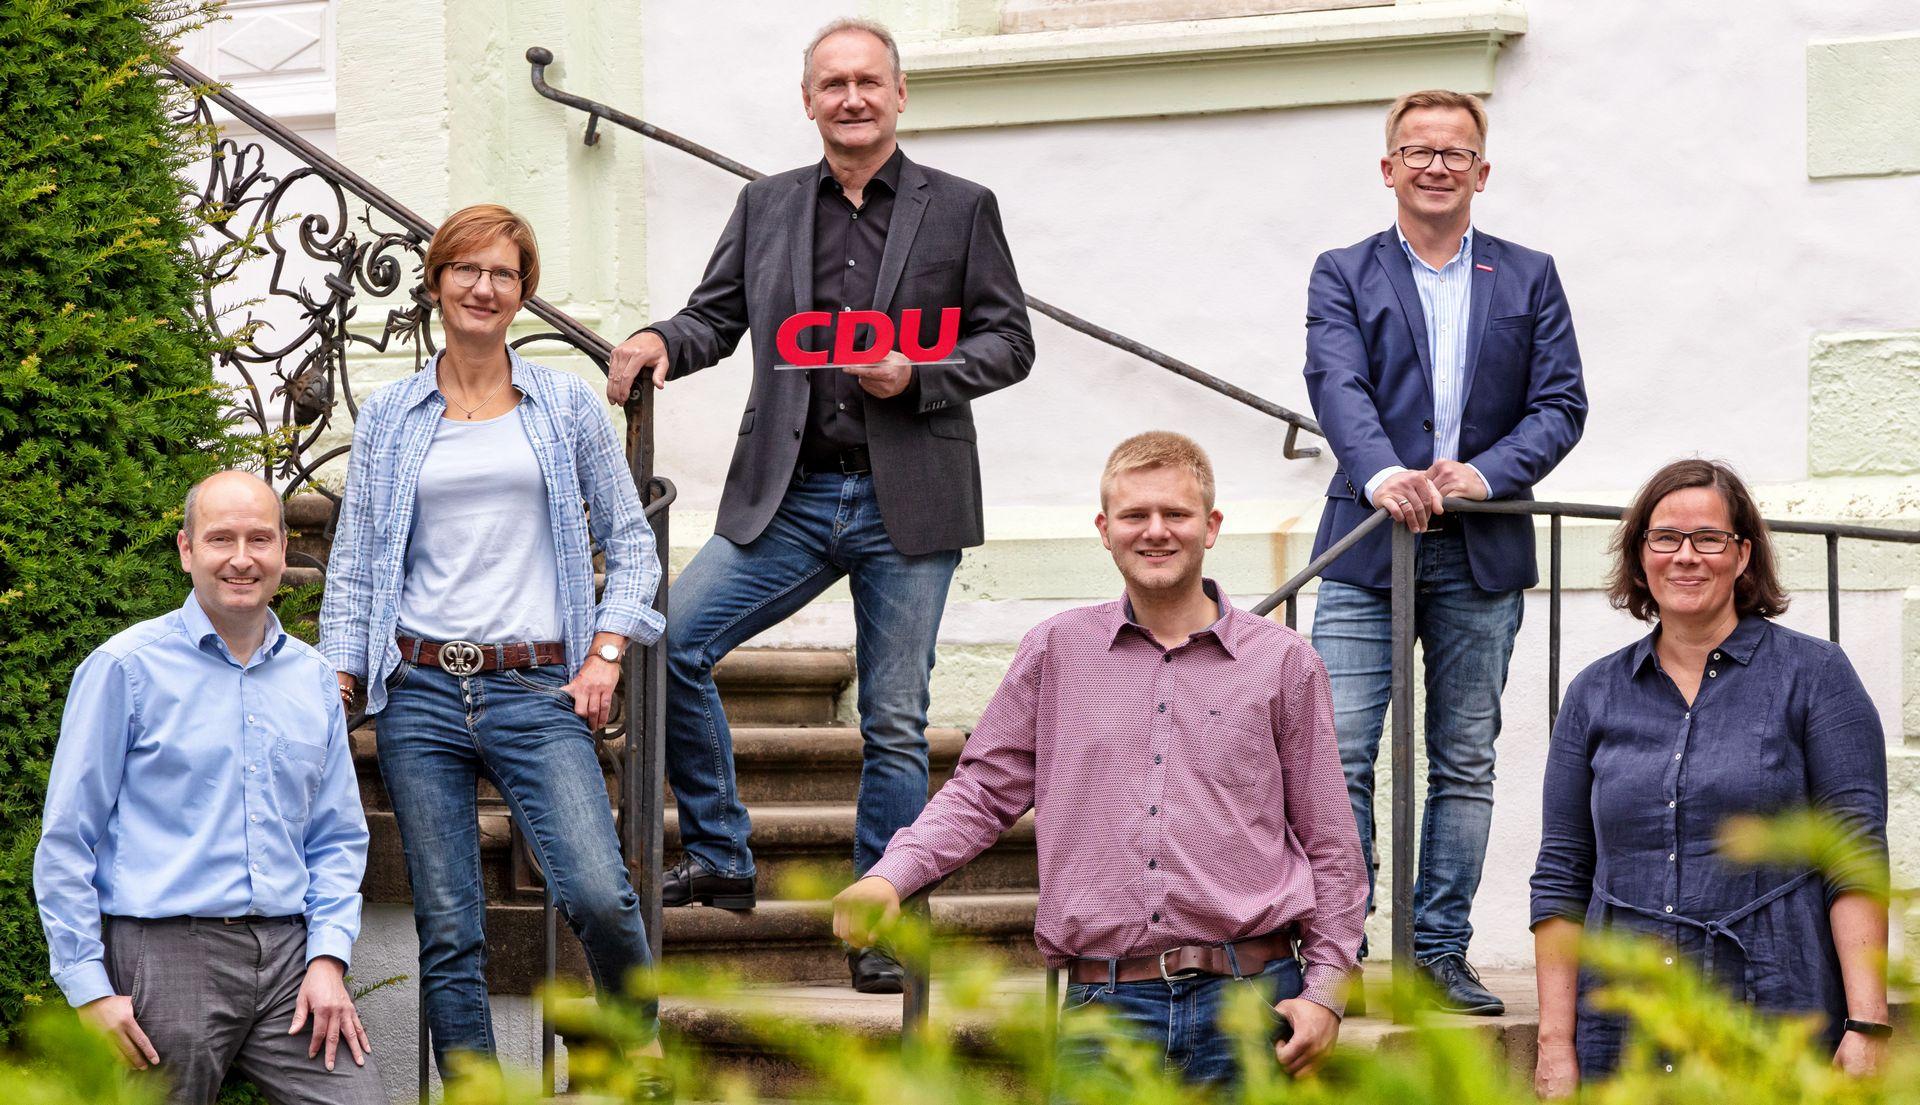 Wir wollen Liesborn im Rat vertreten! (Klaus Grothues, Jürgen Rühl, Markus Woermann, Alfons Wickenkamp, Alexandra Flürenbock)